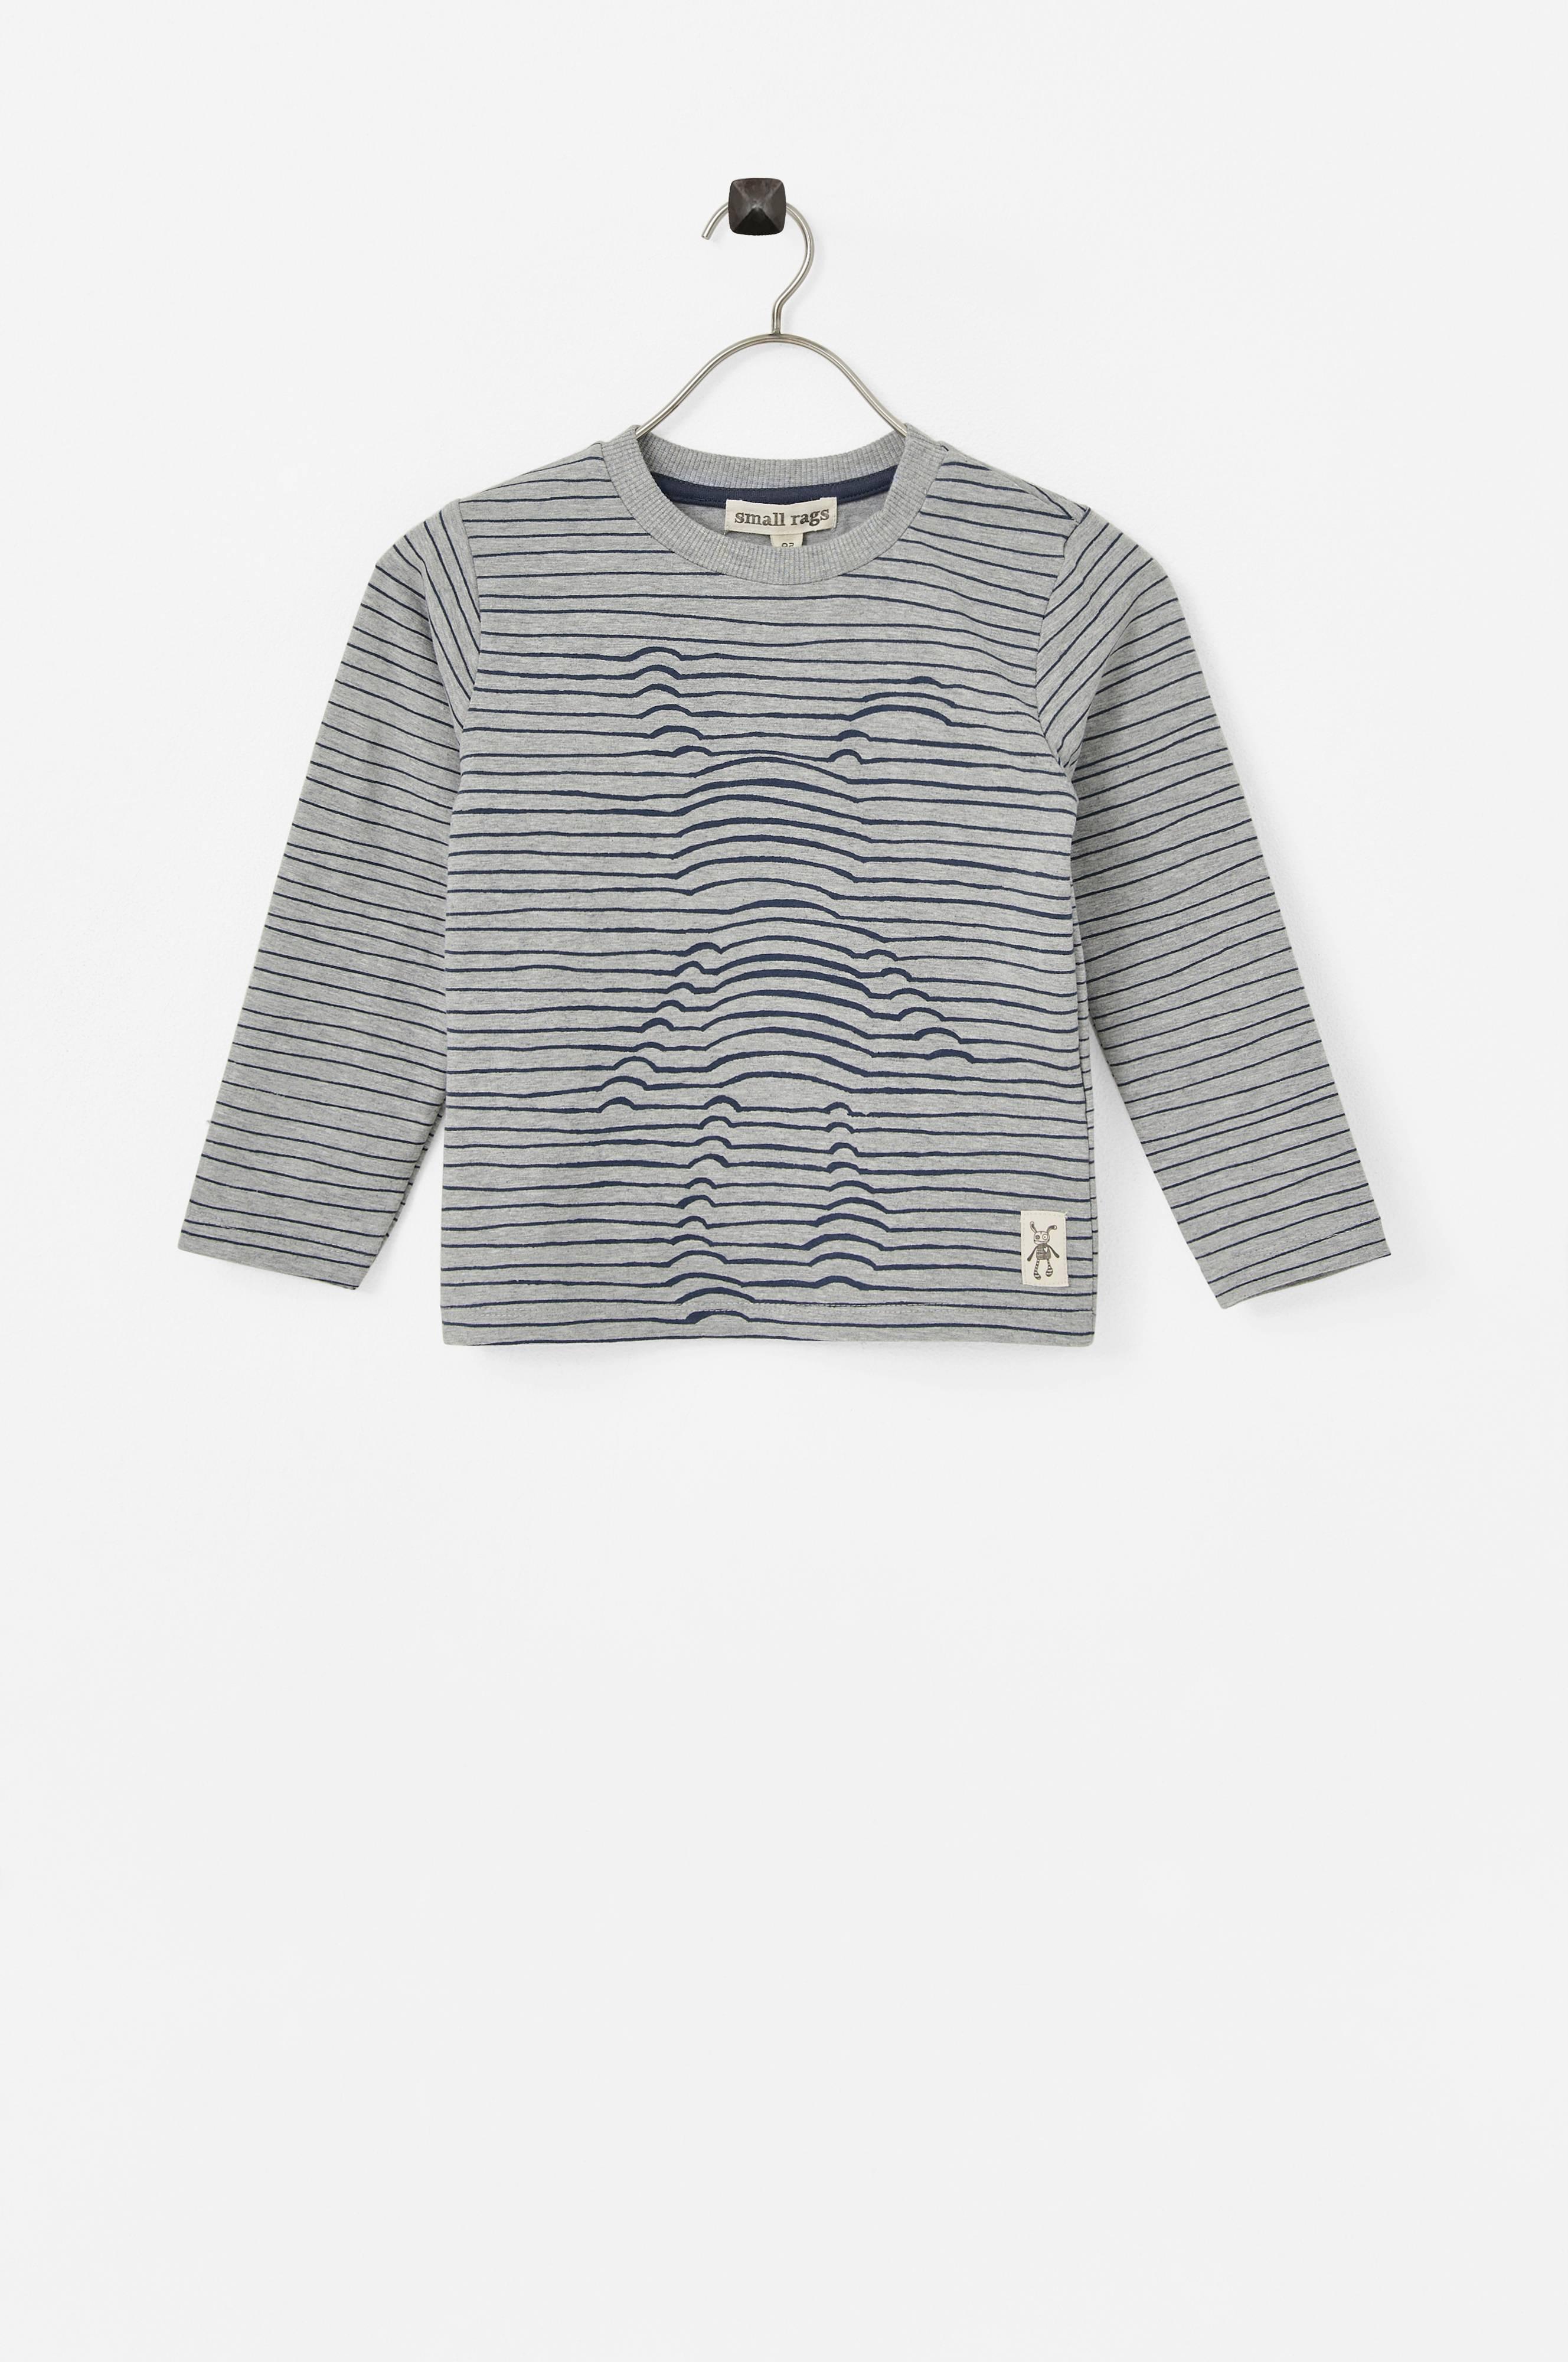 Small Rags Långärmad t shirt Grå Babytröjor Ellos.se